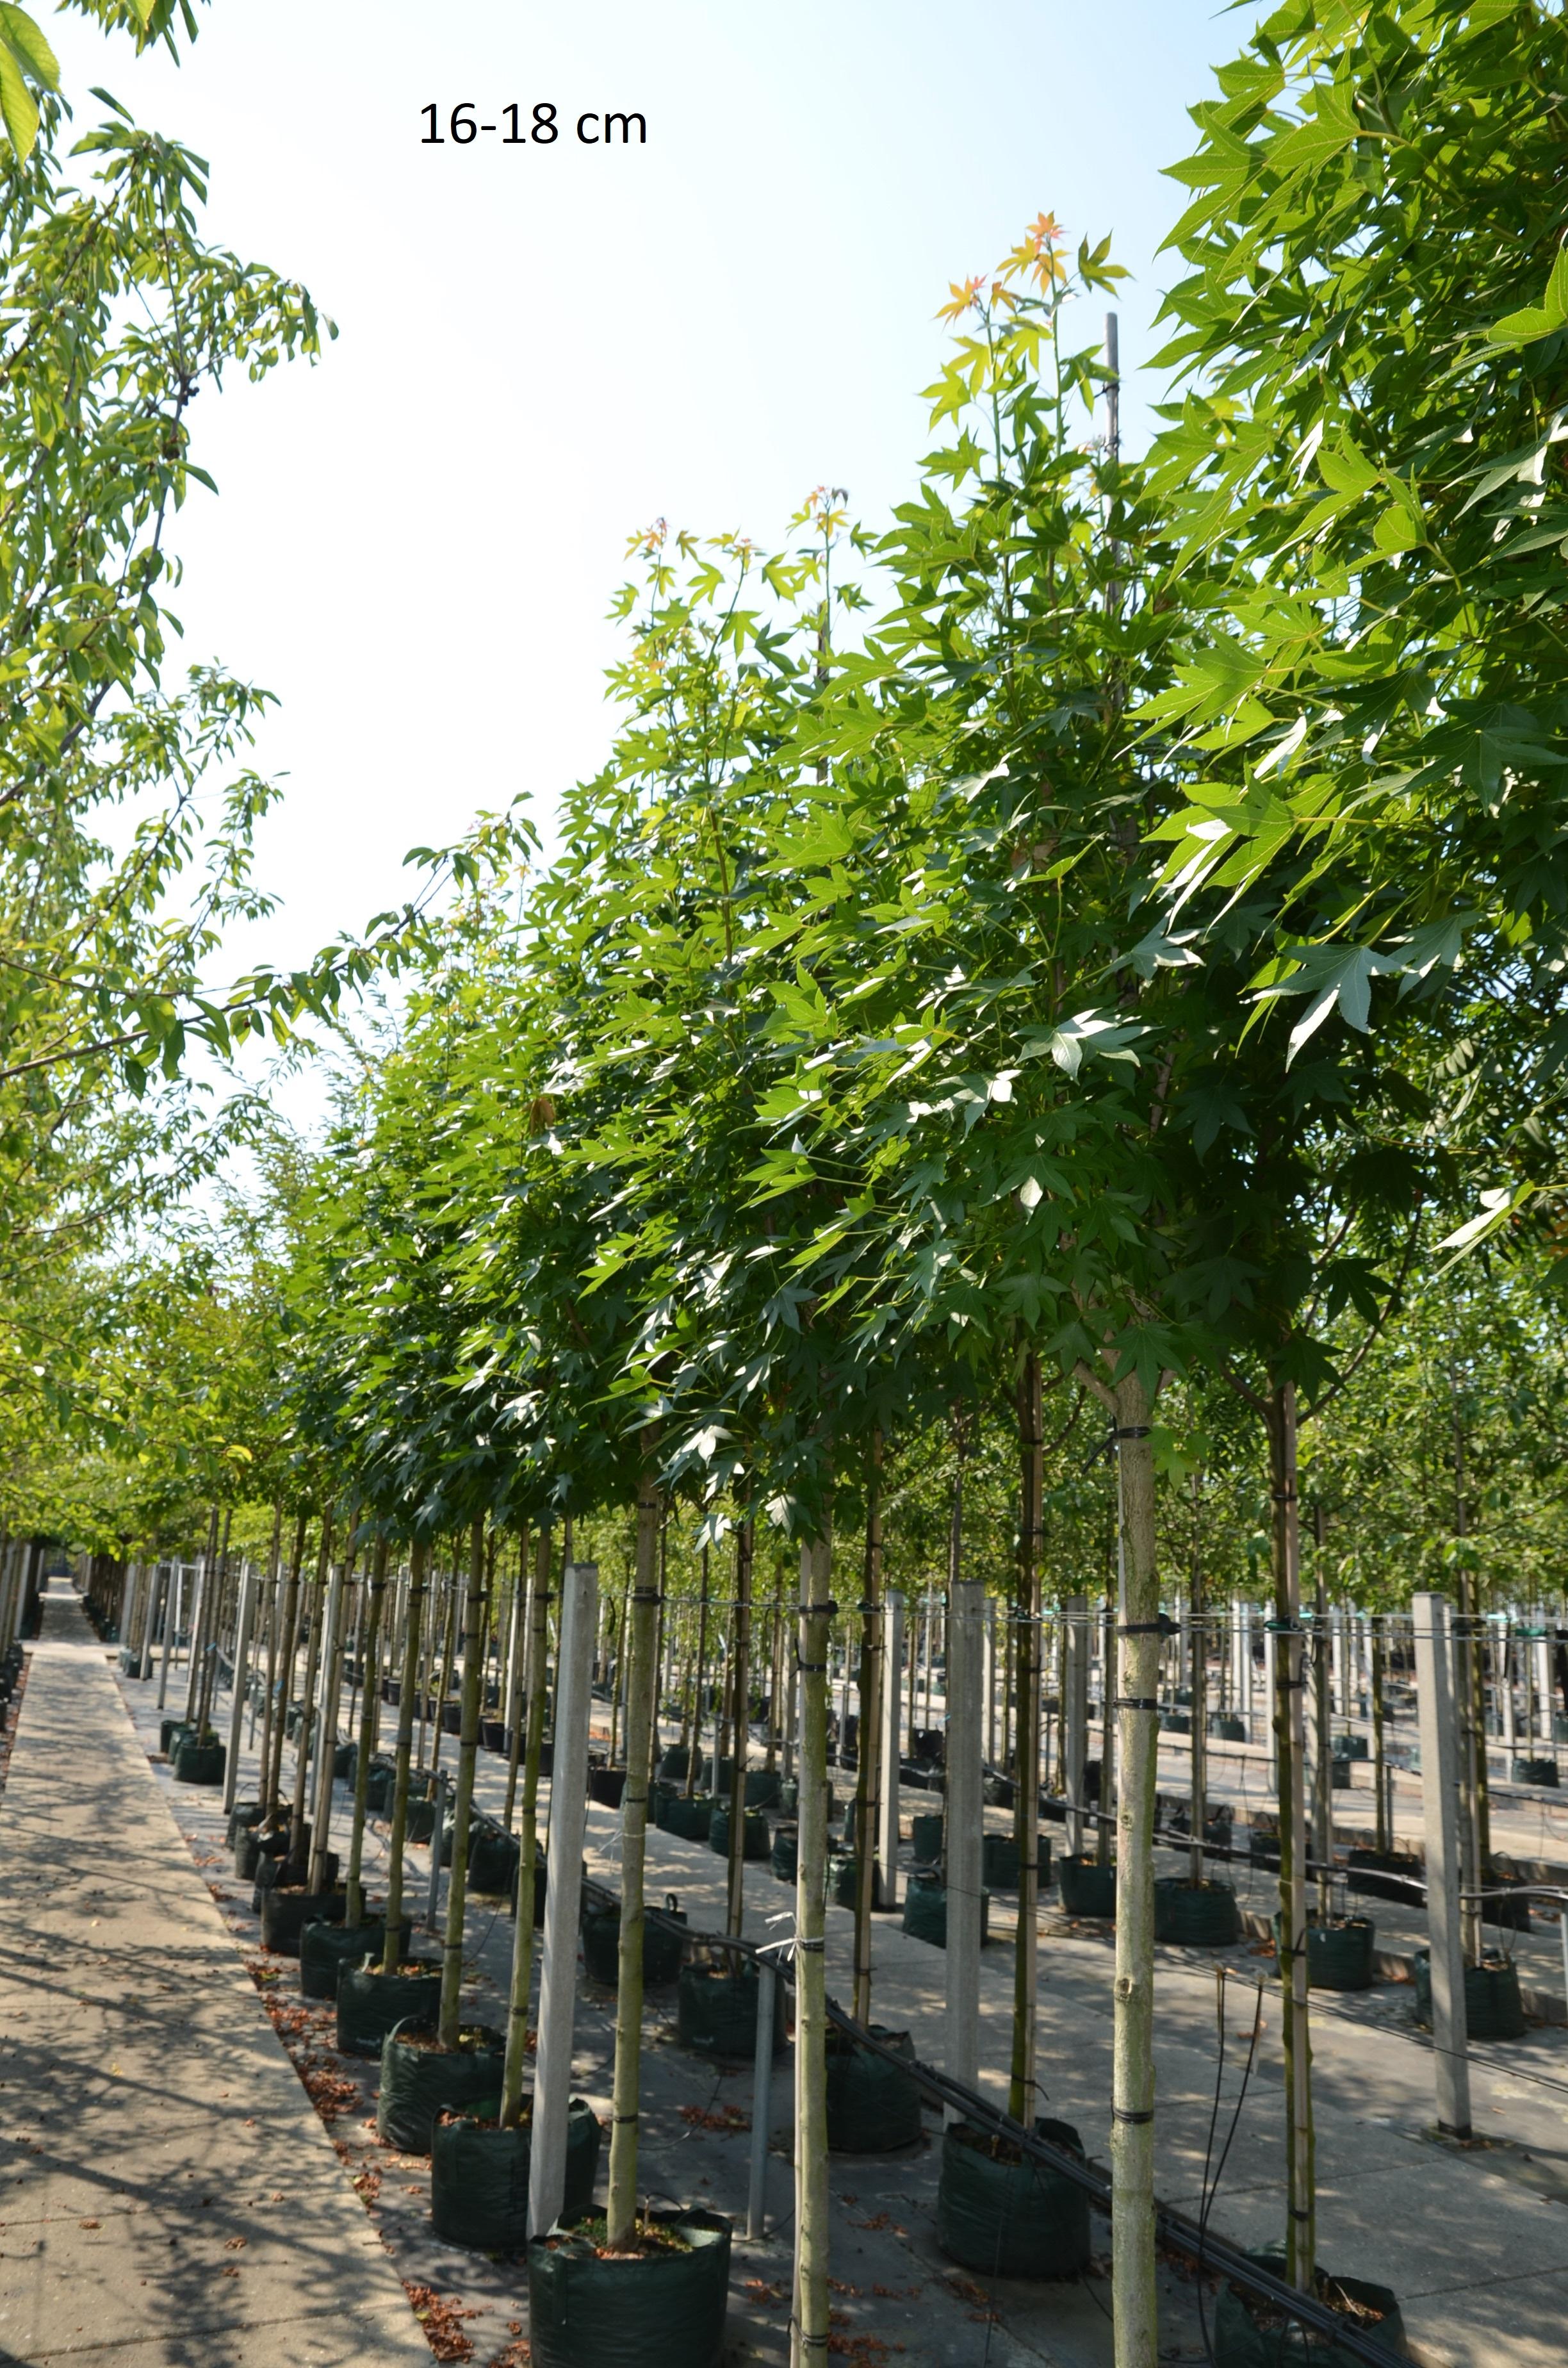 Gemeinsame Sie suchen den Säulen-Amberbaum Slender Silhouette als großen Baum @AC_96